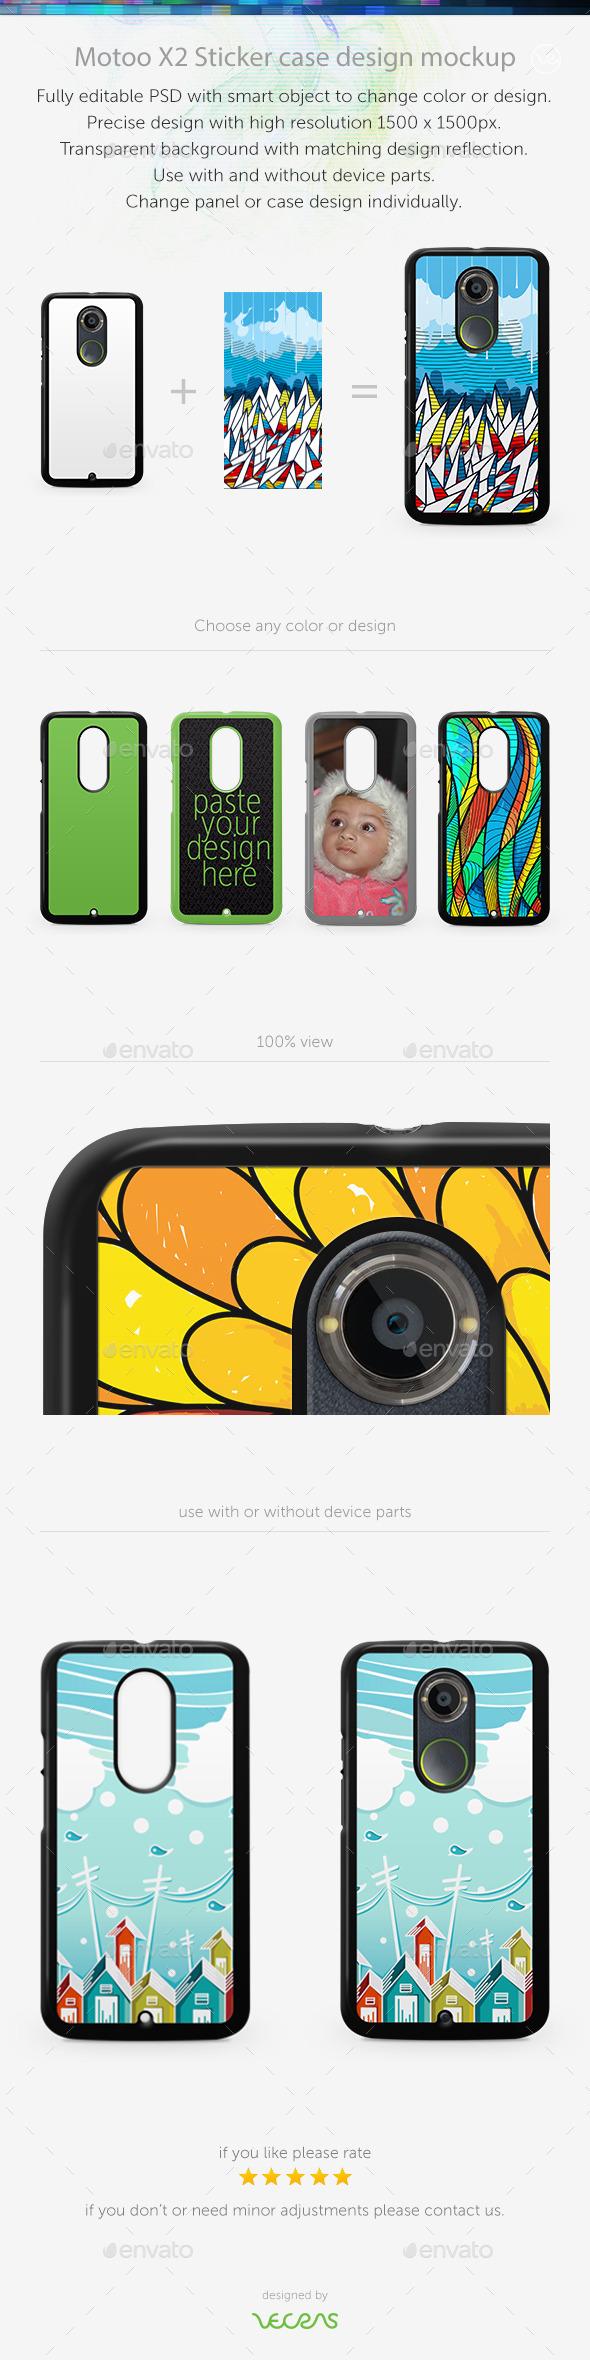 Motoo X2 Sticker Case Design Mockup - Mobile Displays